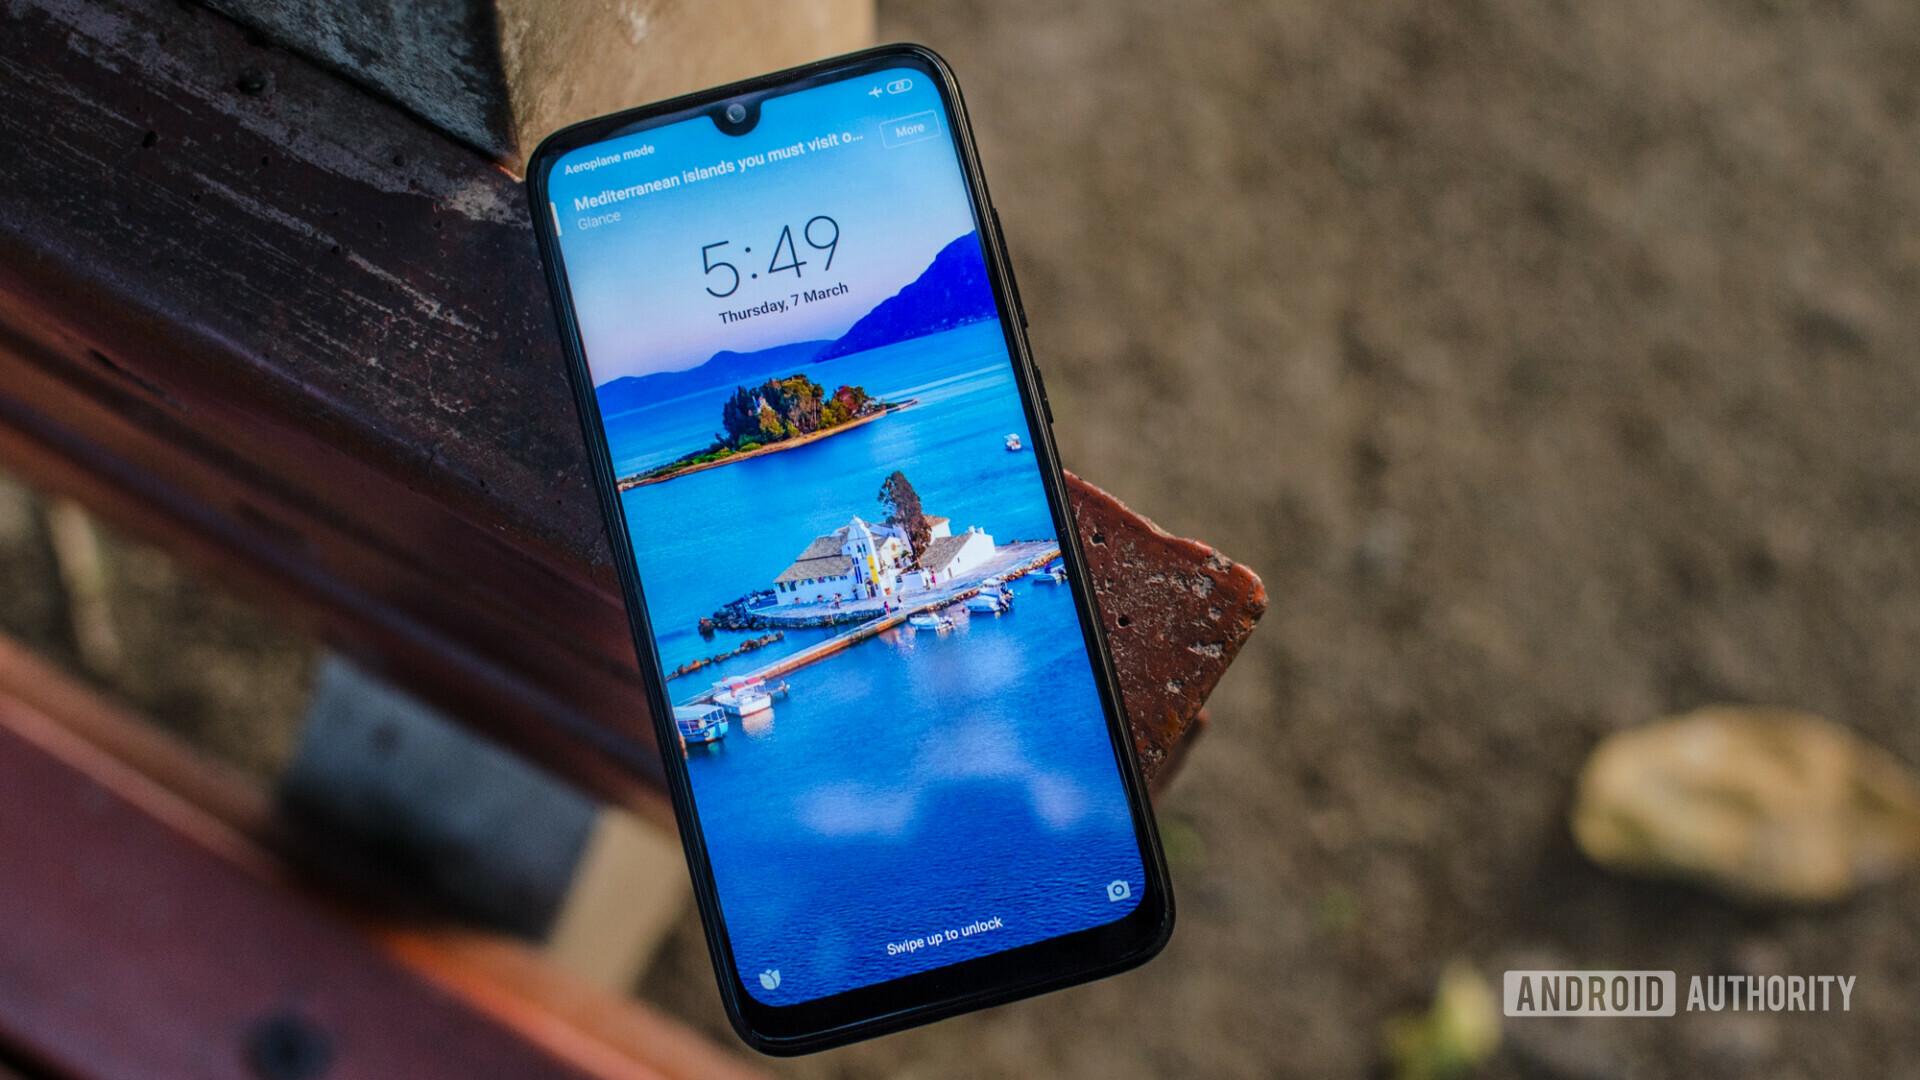 Redmi 8 lộ thông số cấu hình với Snapdragon 439, màn hình giọt nước 6.21 inch, camera kép